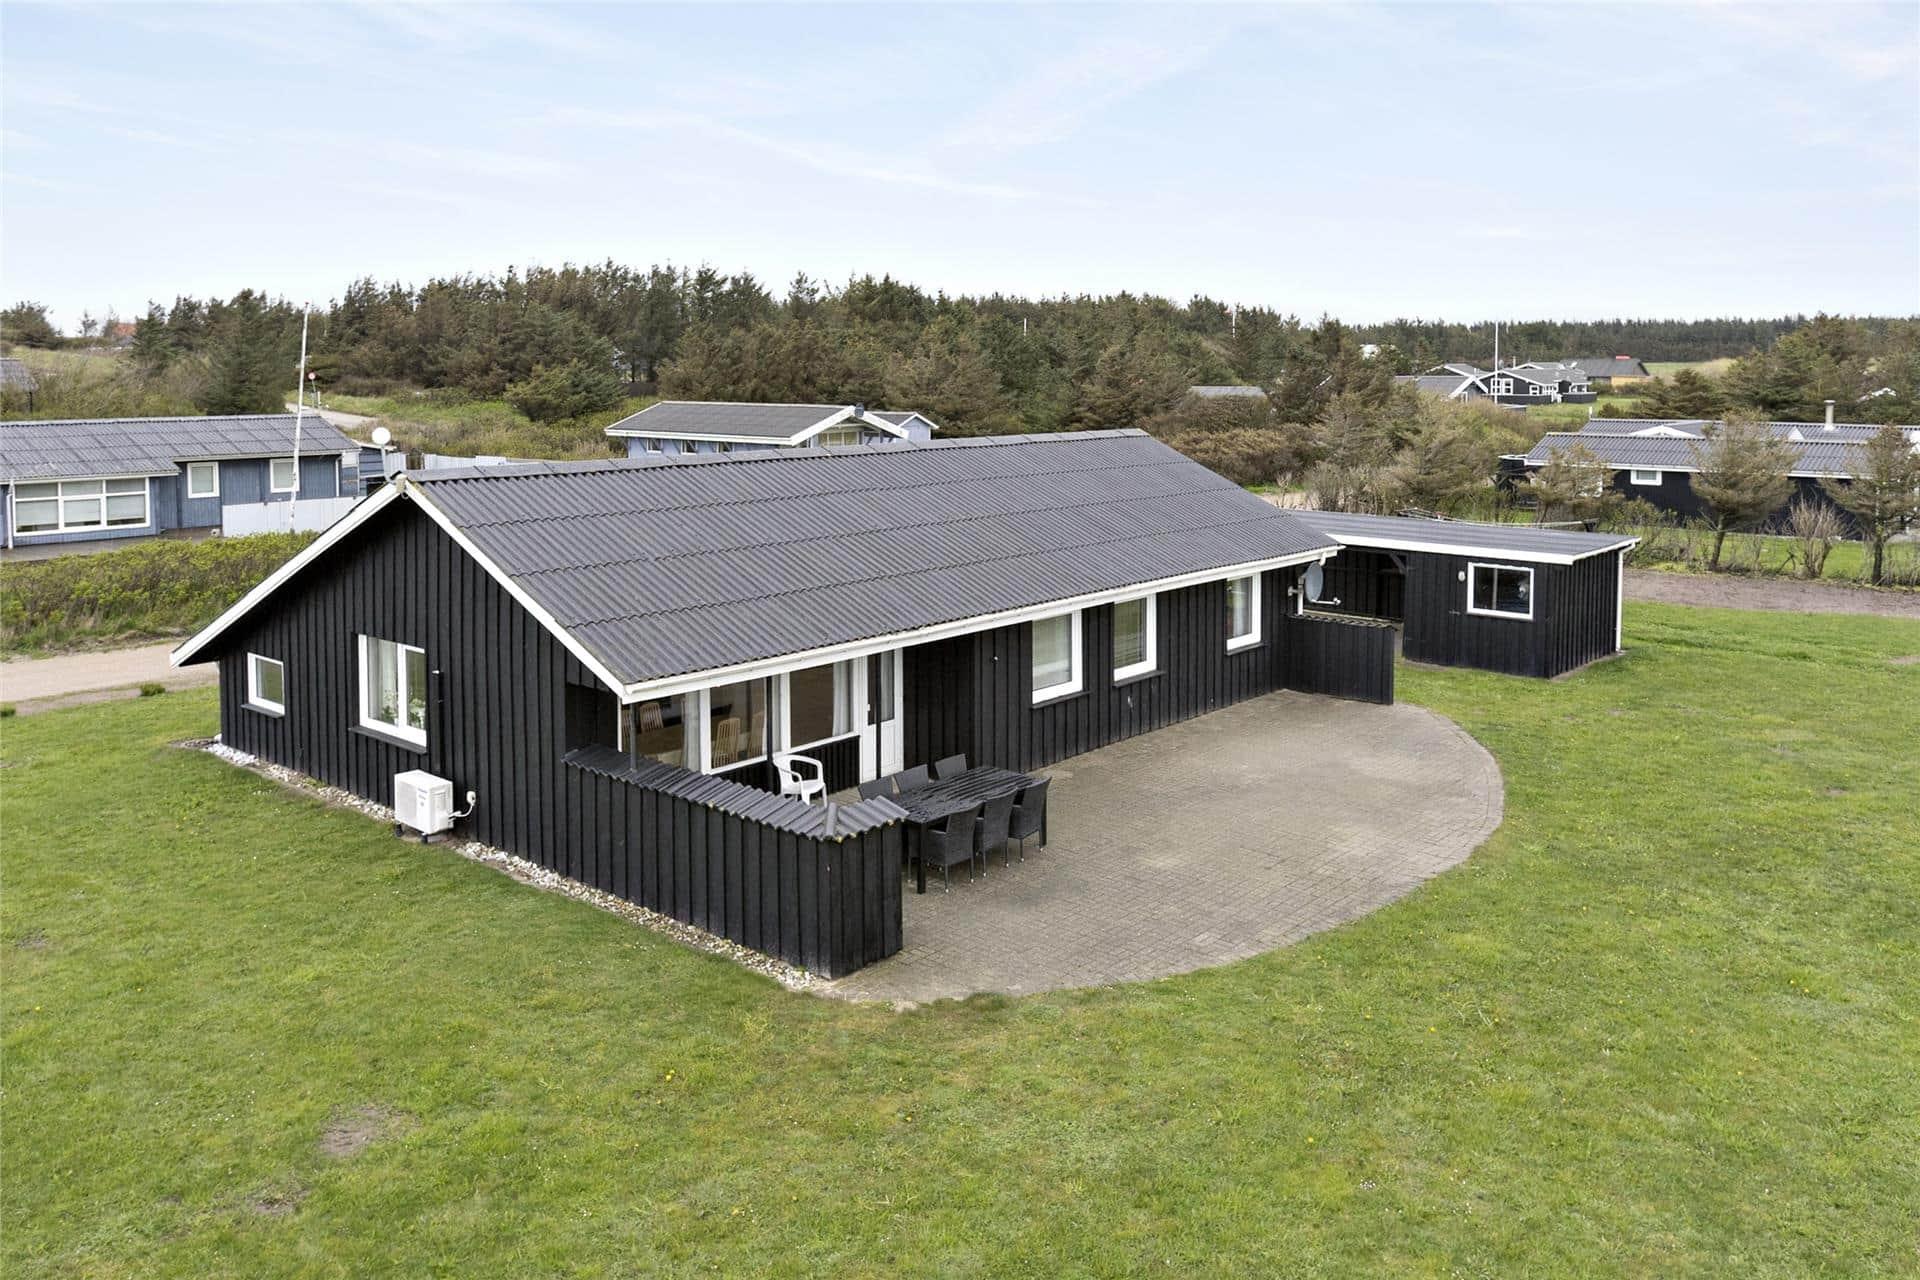 Bilde 1-14 Feirehus 1151, Sælvej 11, DK - 9480 Løkken